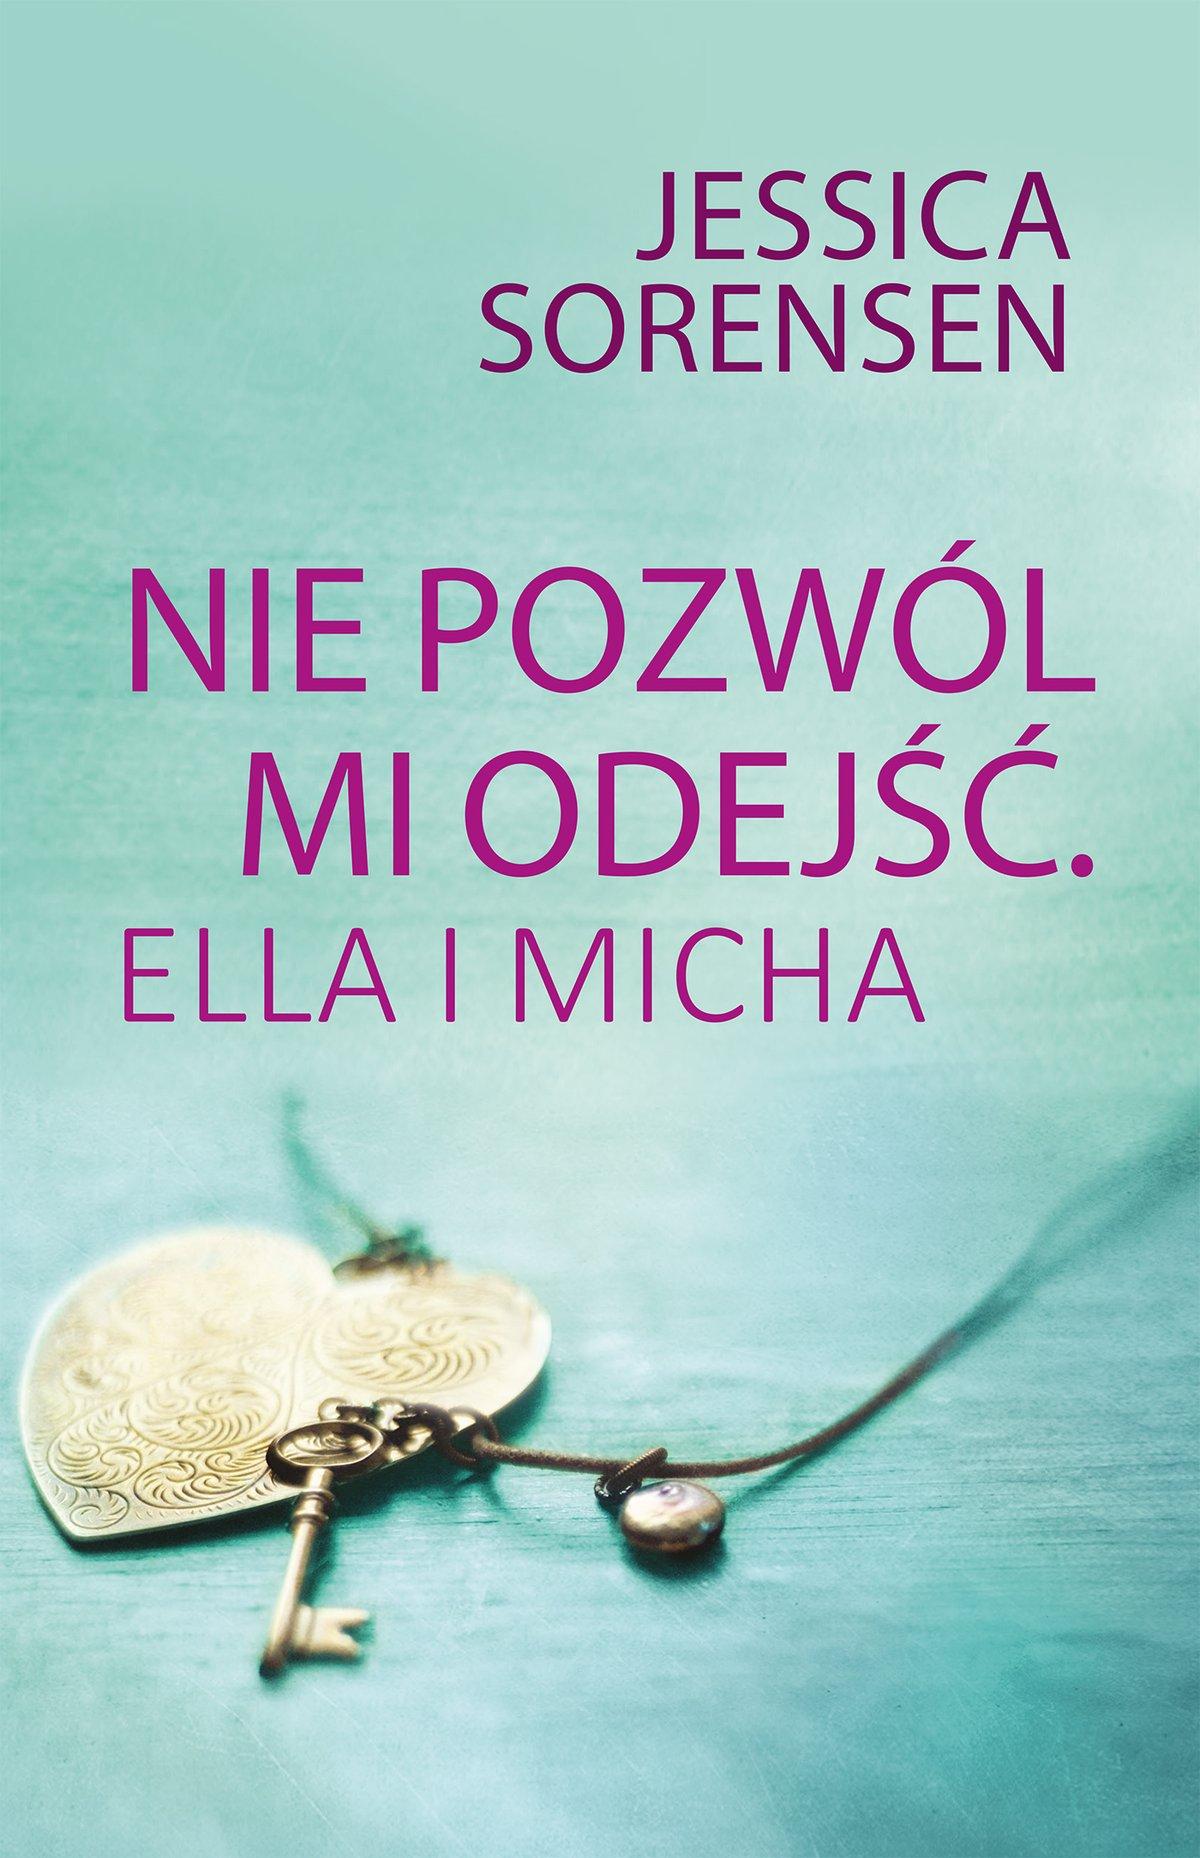 Nie pozwól mi odejść. Ella i Micha - Ebook (Książka na Kindle) do pobrania w formacie MOBI